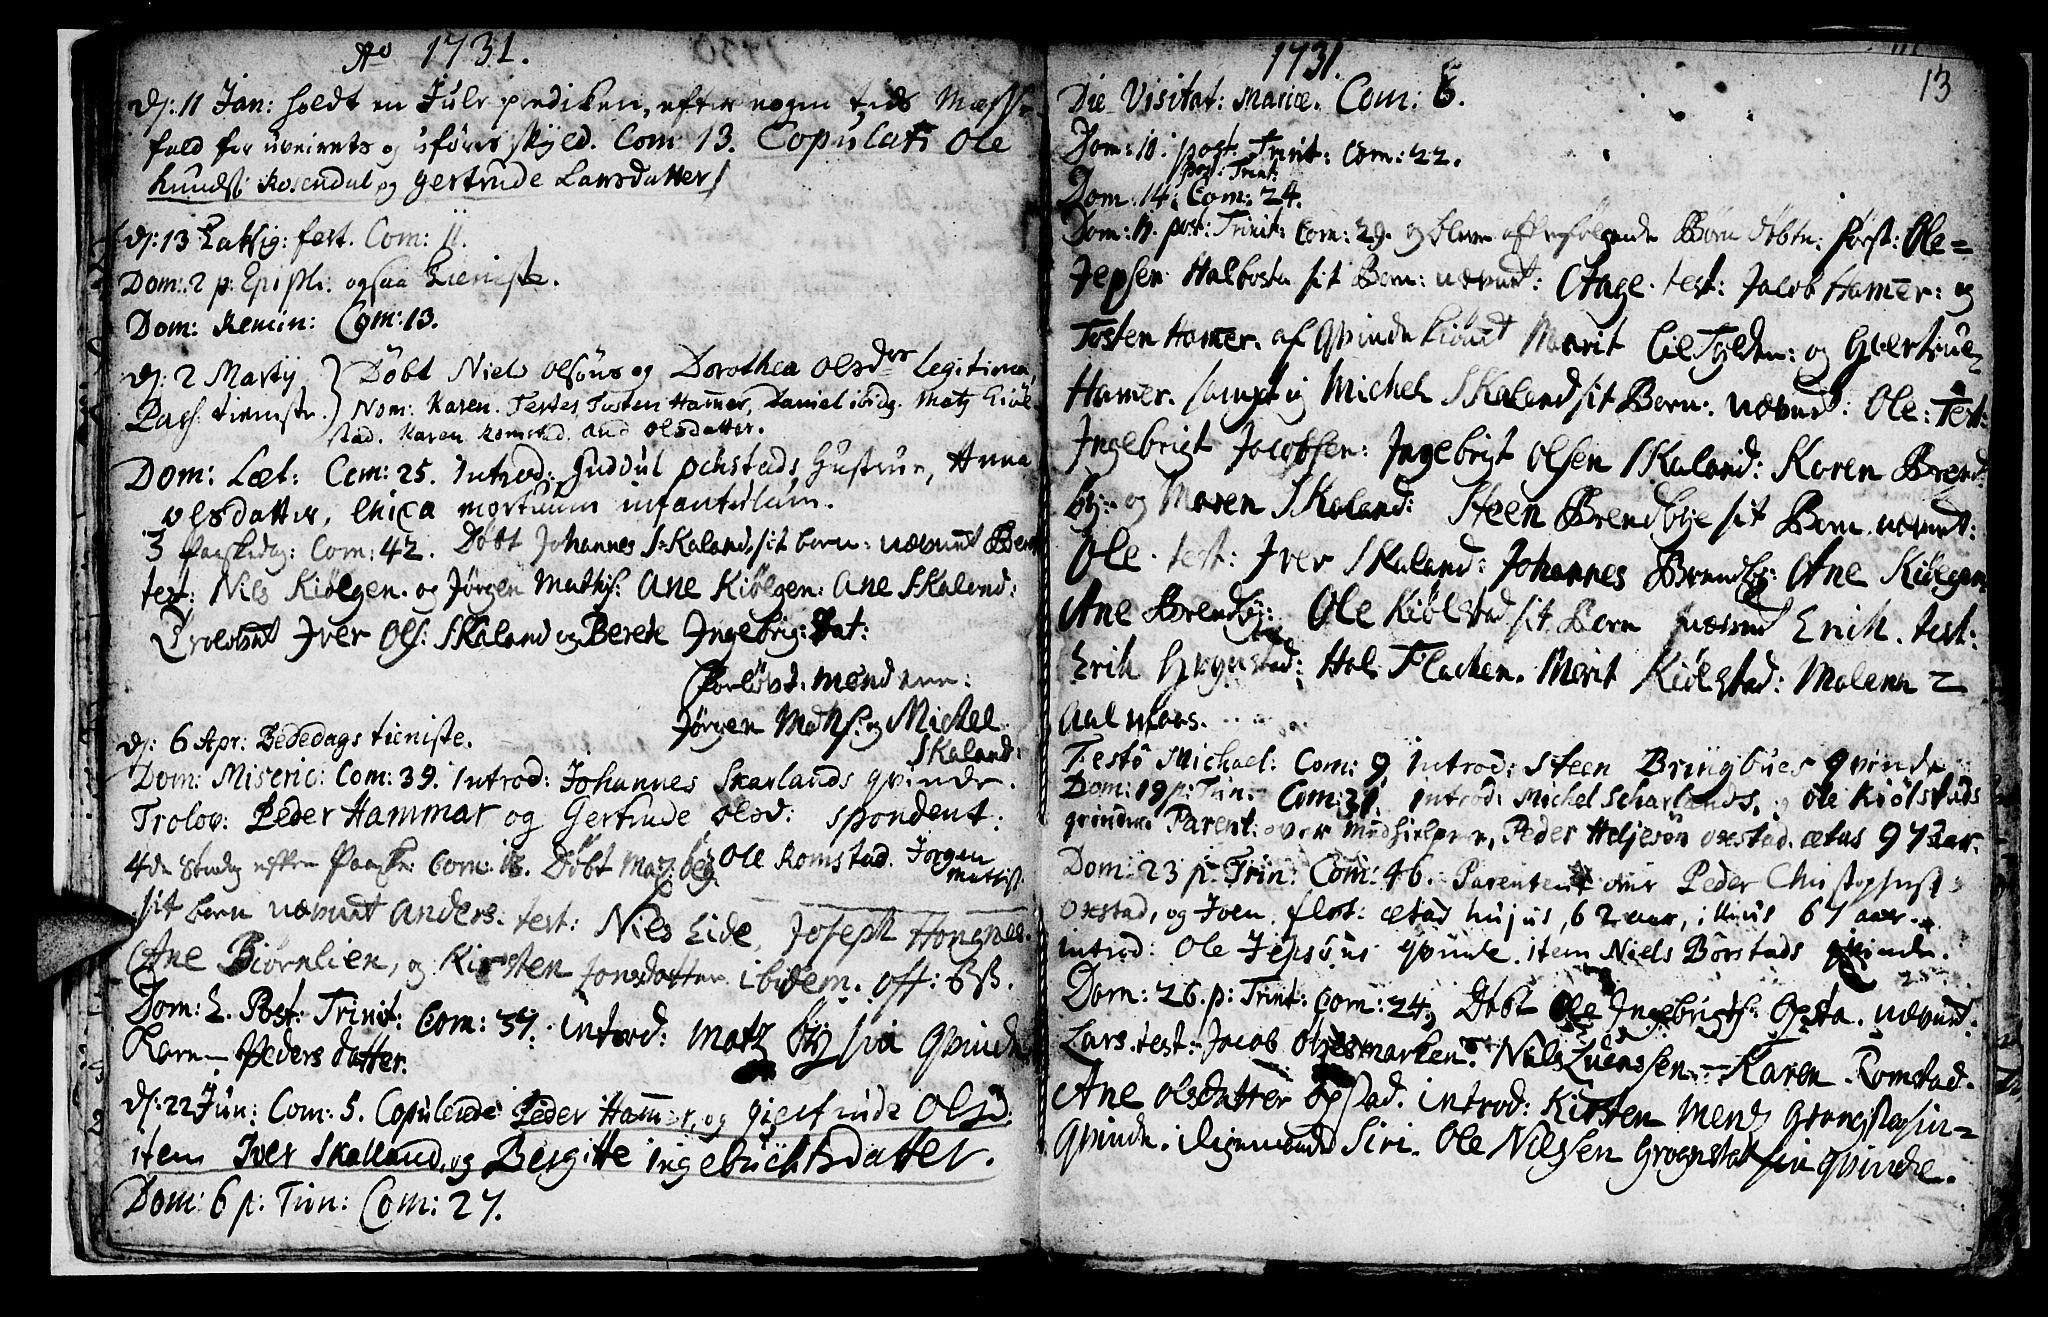 SAT, Ministerialprotokoller, klokkerbøker og fødselsregistre - Nord-Trøndelag, 765/L0560: Ministerialbok nr. 765A01, 1706-1748, s. 13